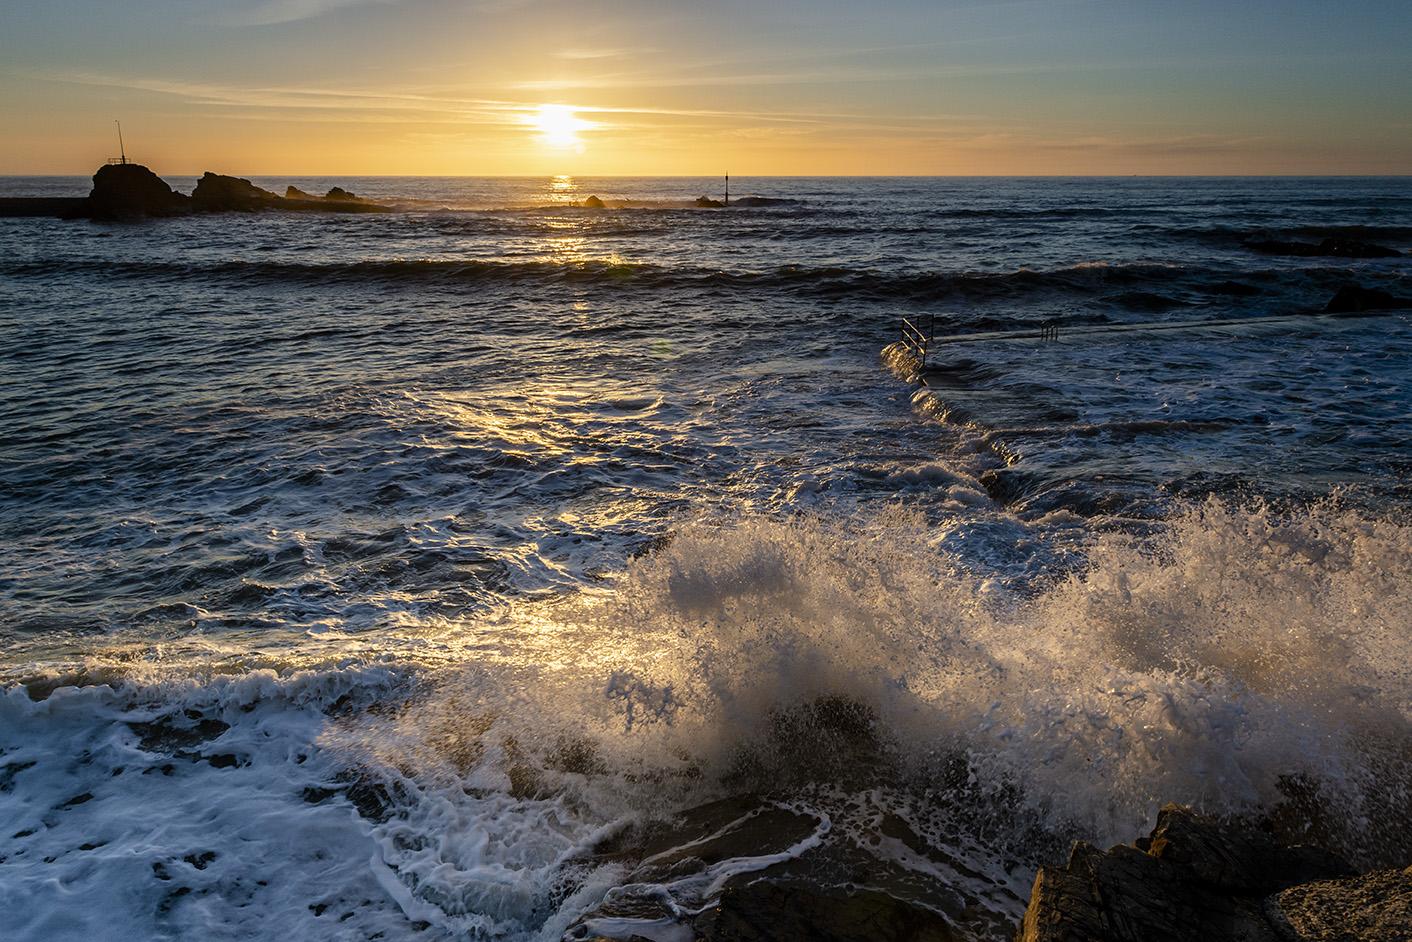 Energetic Wave I - Summerleaze Beach, Bude